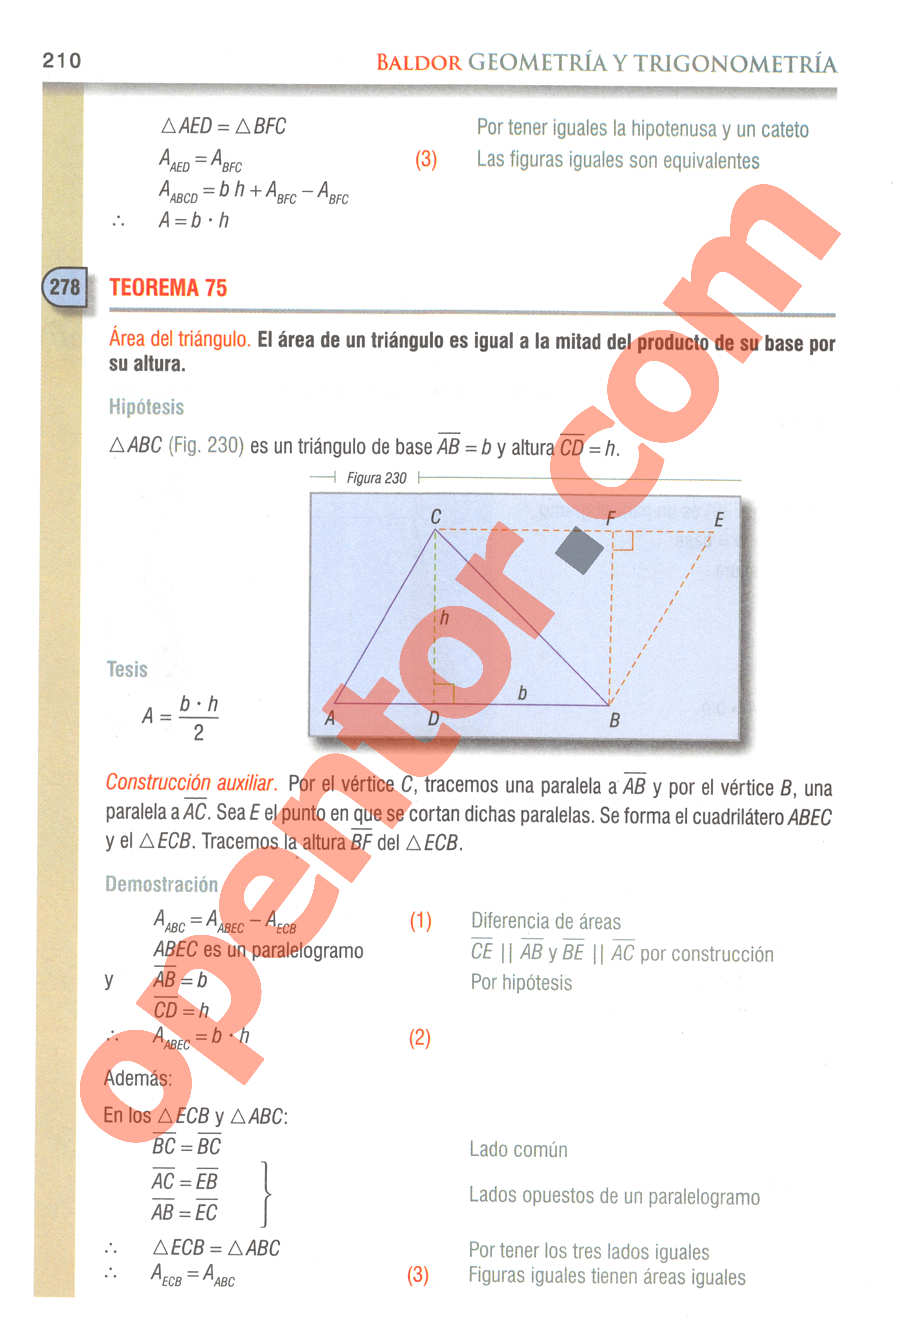 Geometría y Trigonometría de Baldor - Página 210